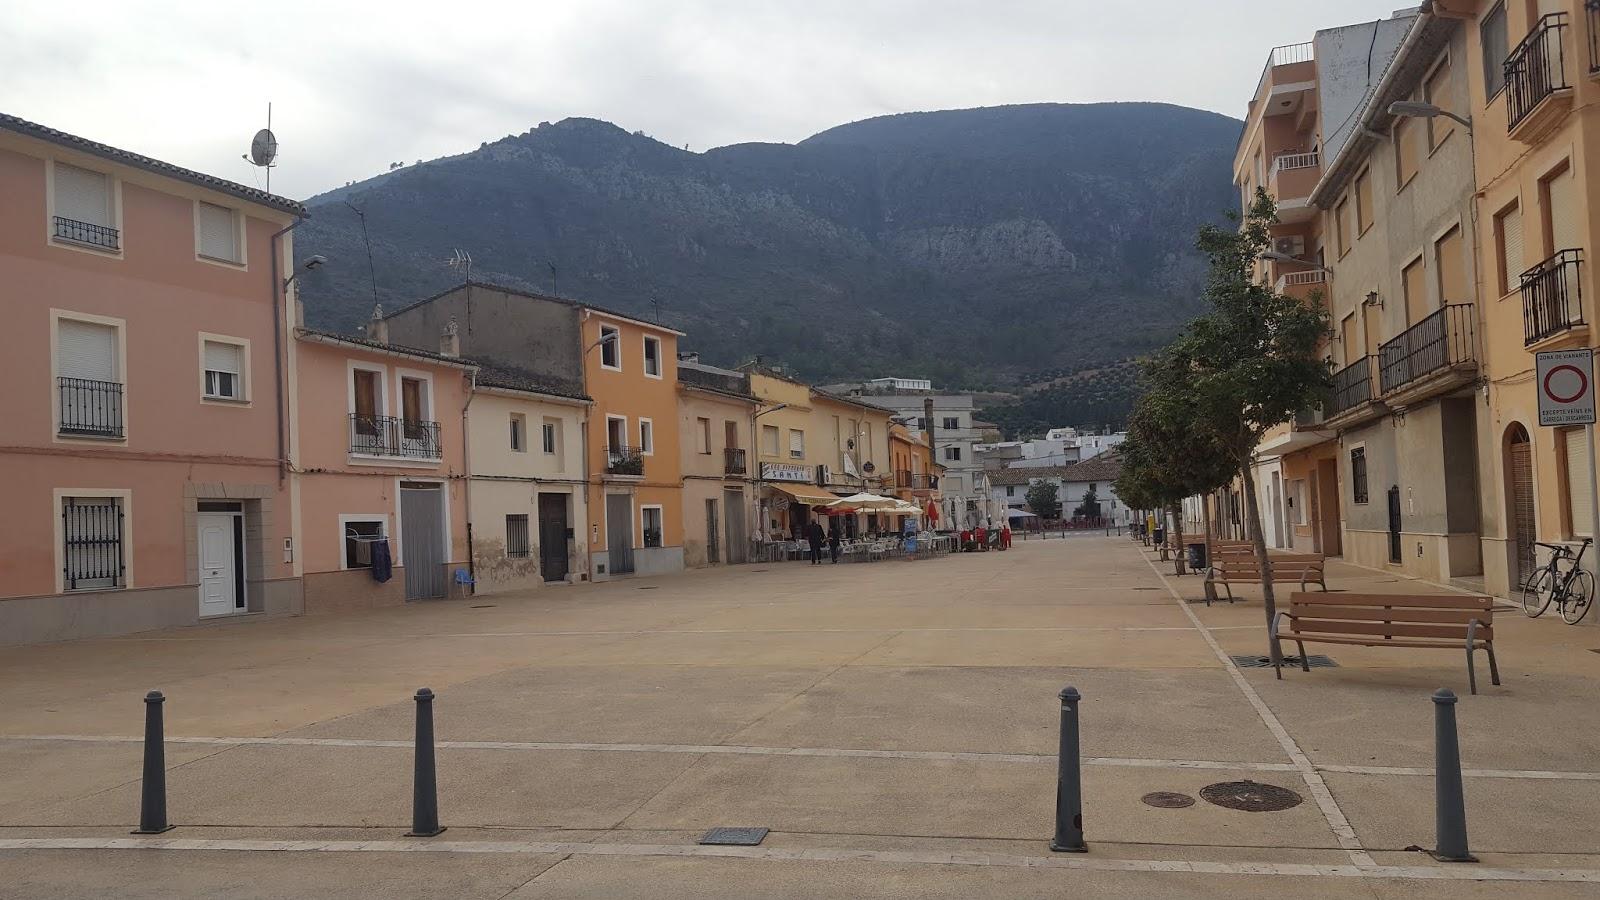 Carrer del Convent, Simat del Valldigna, La Safor, Valencia